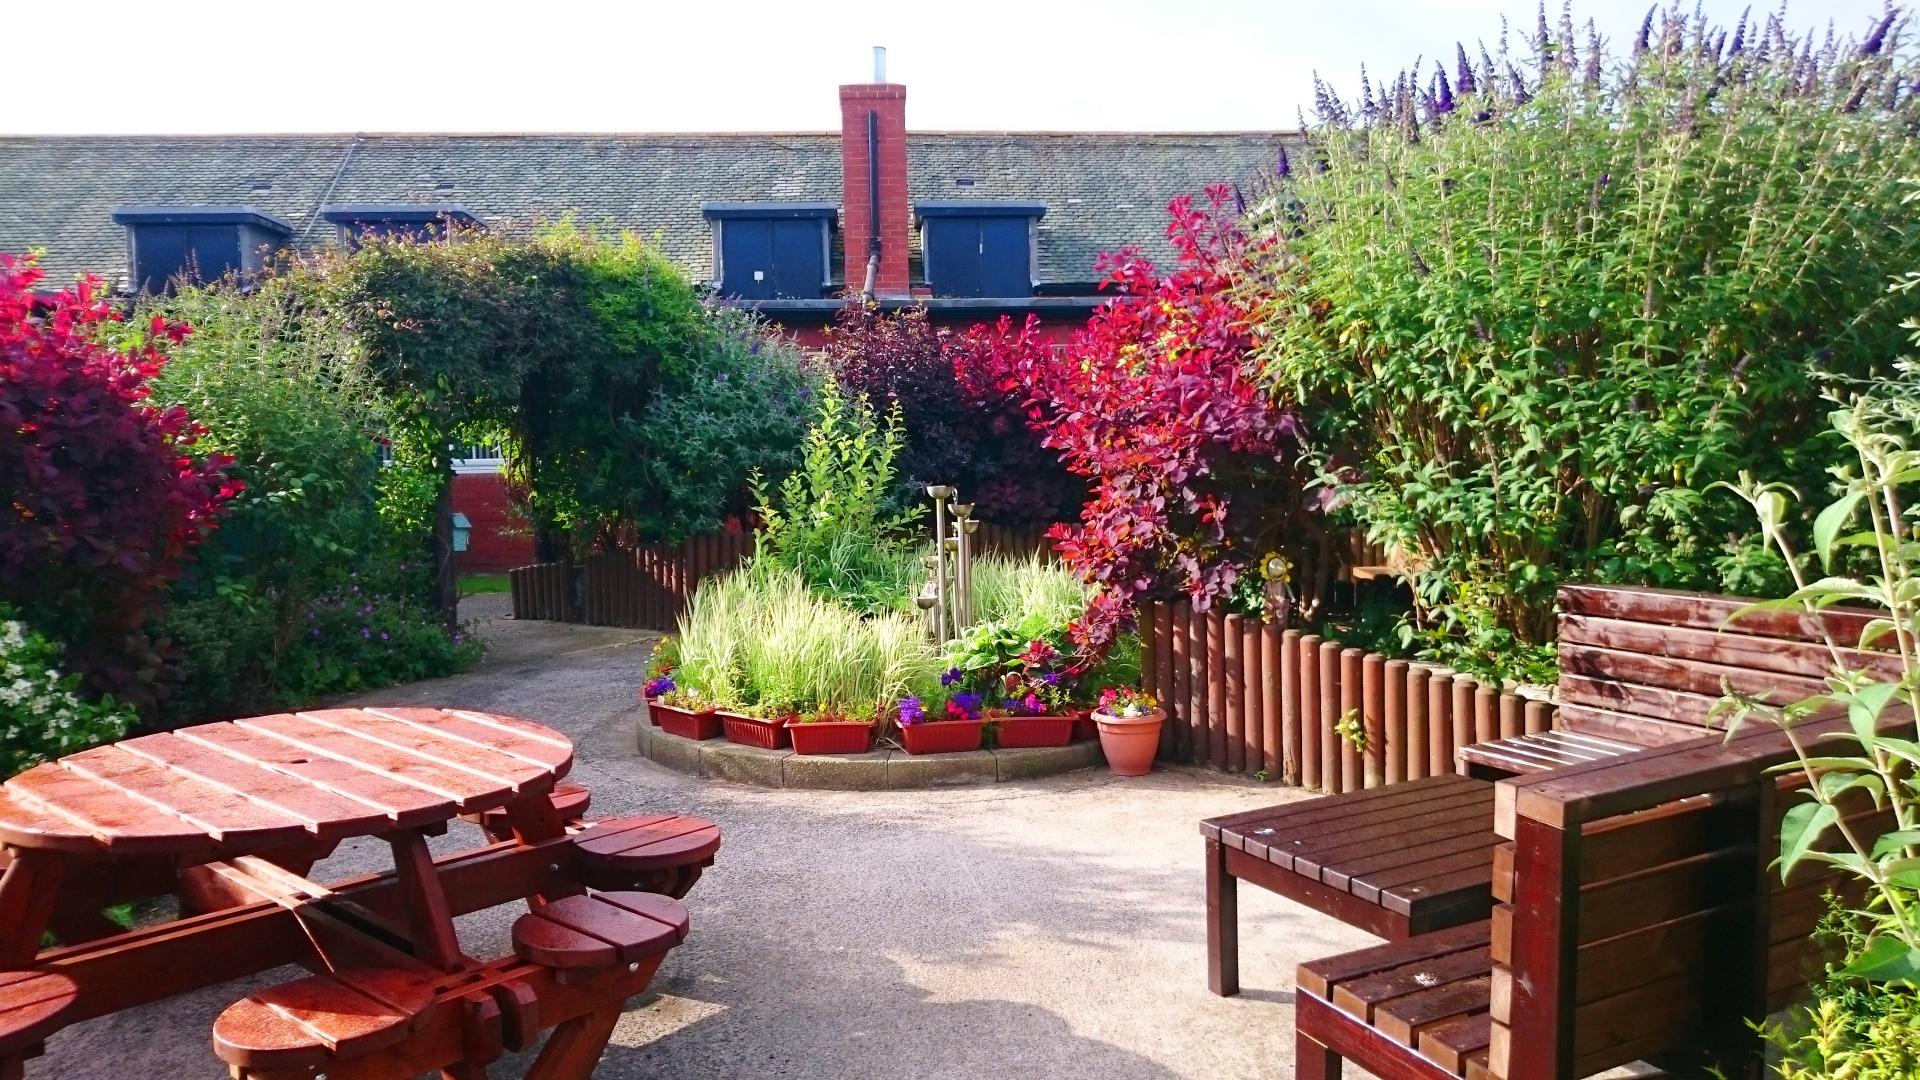 Ashington Children's Centre garden